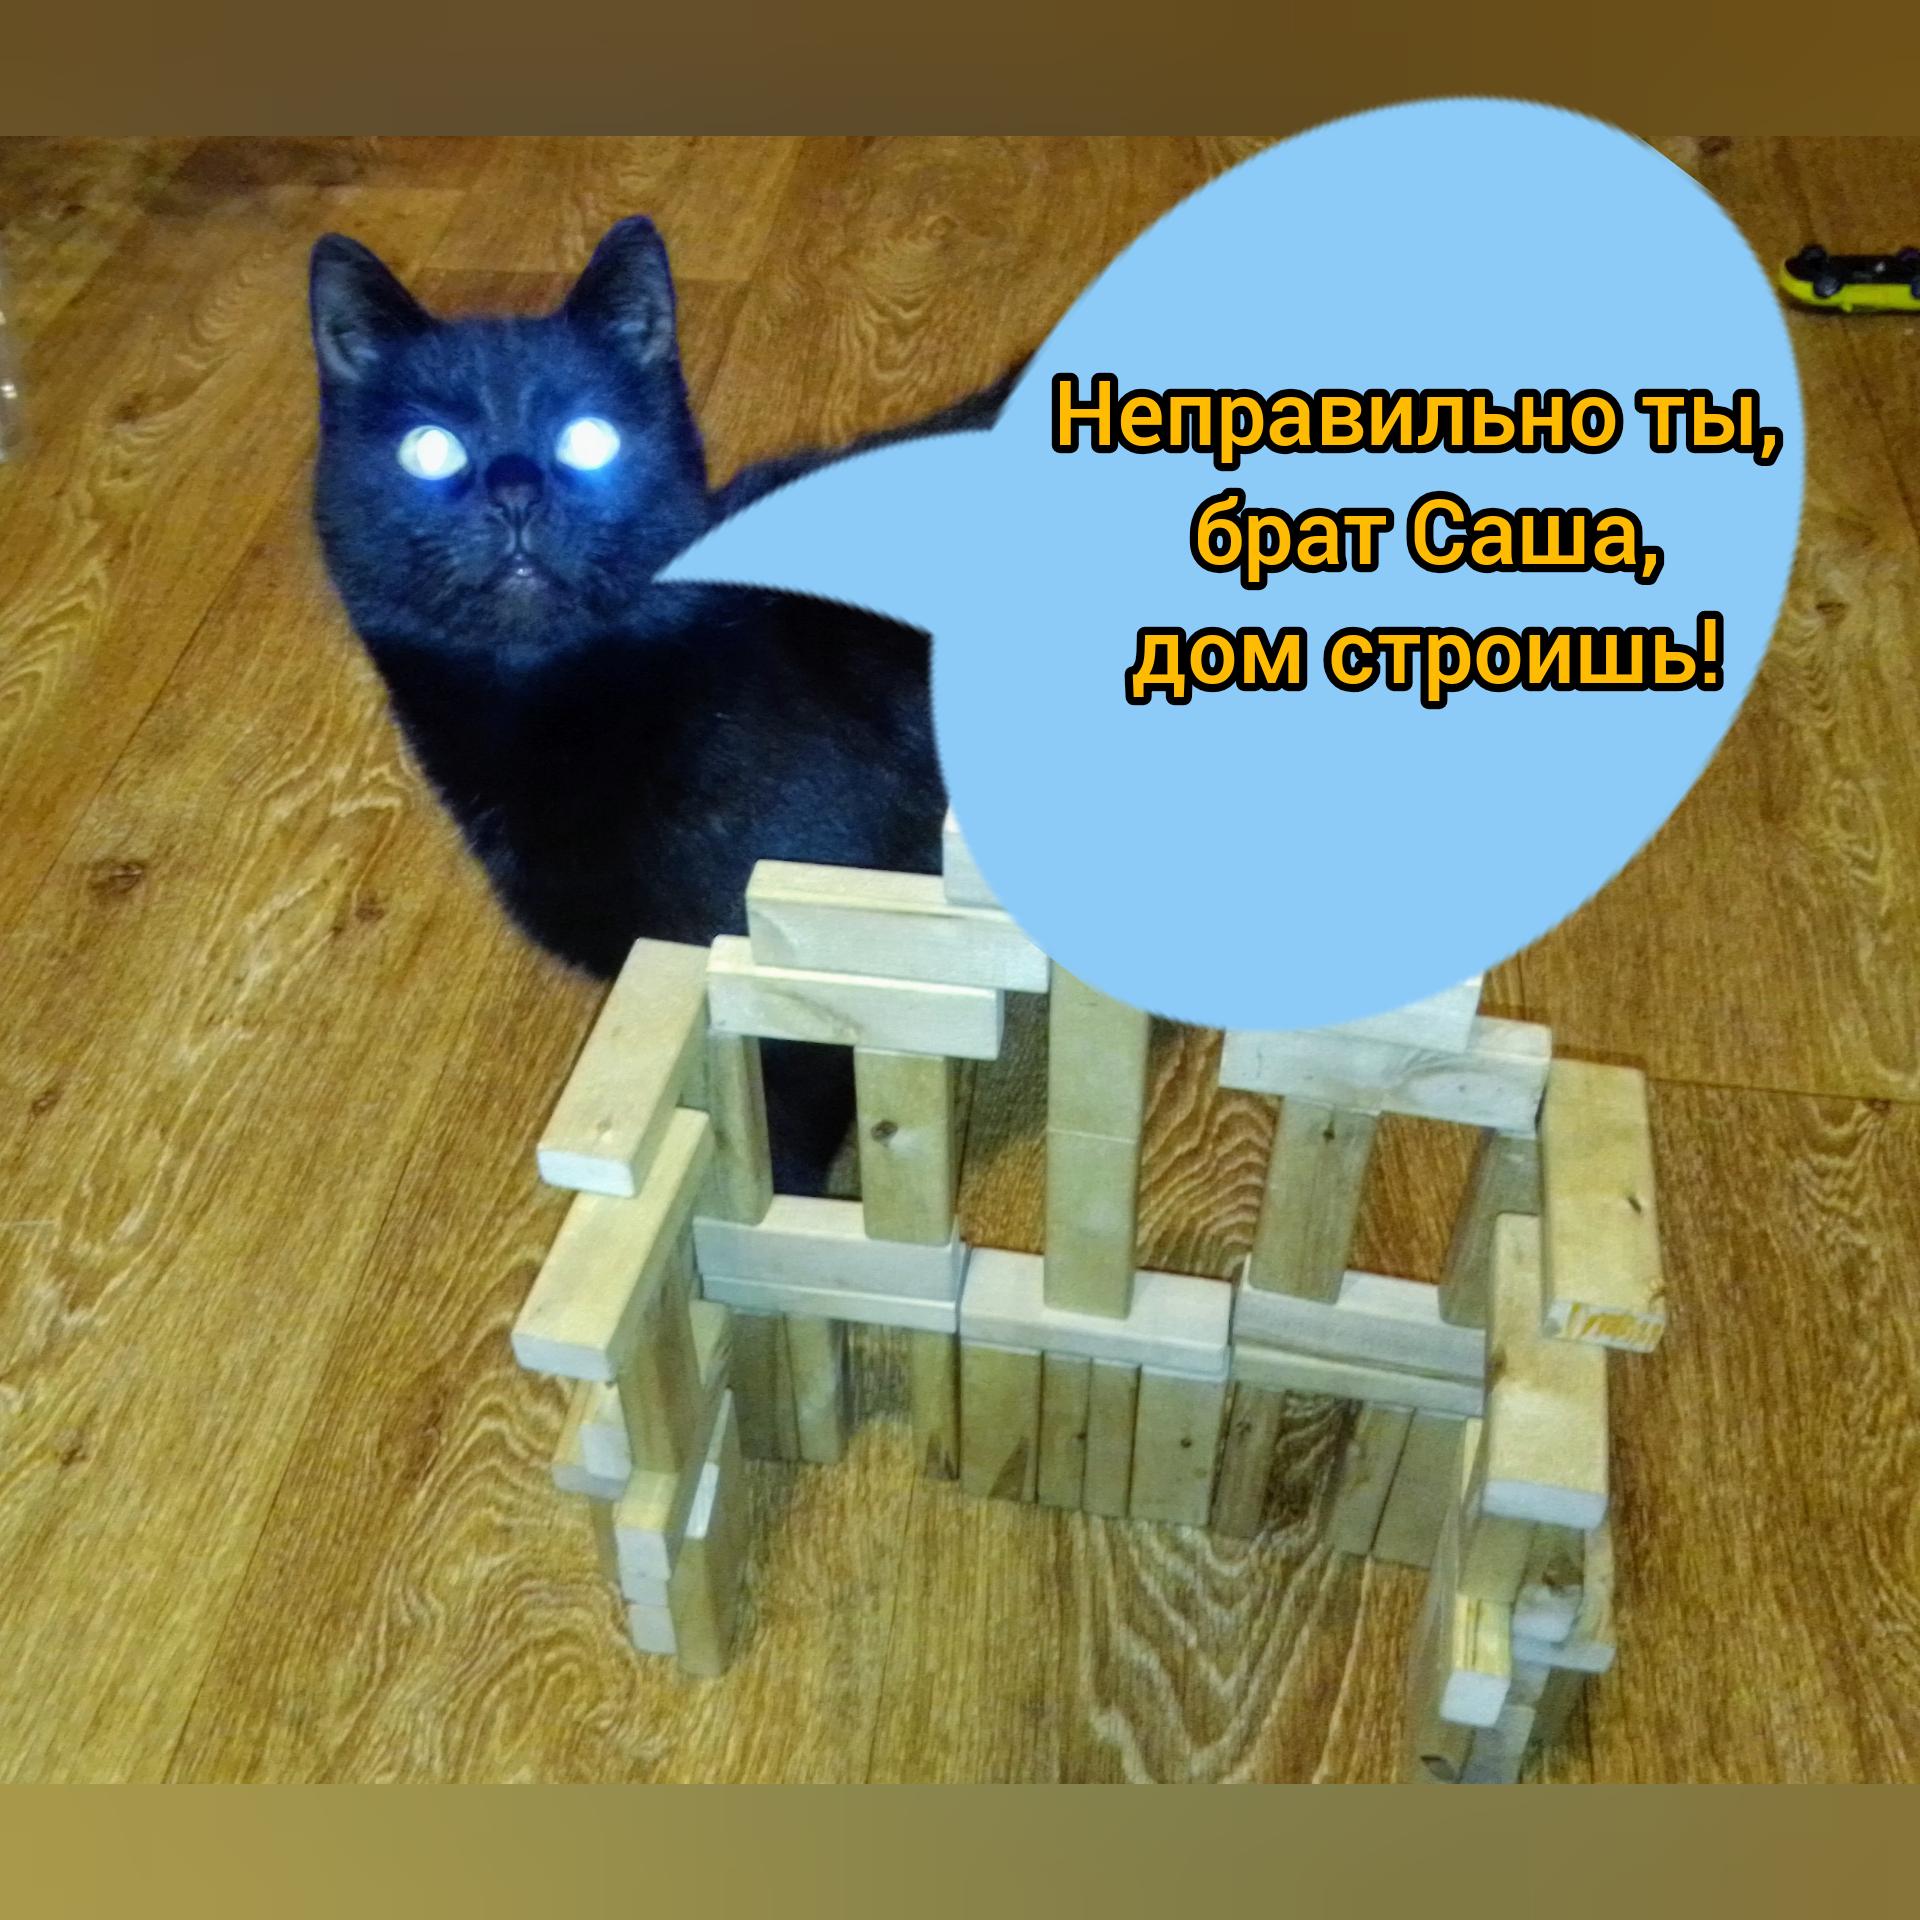 Заключение ЭКСПЕРТА!